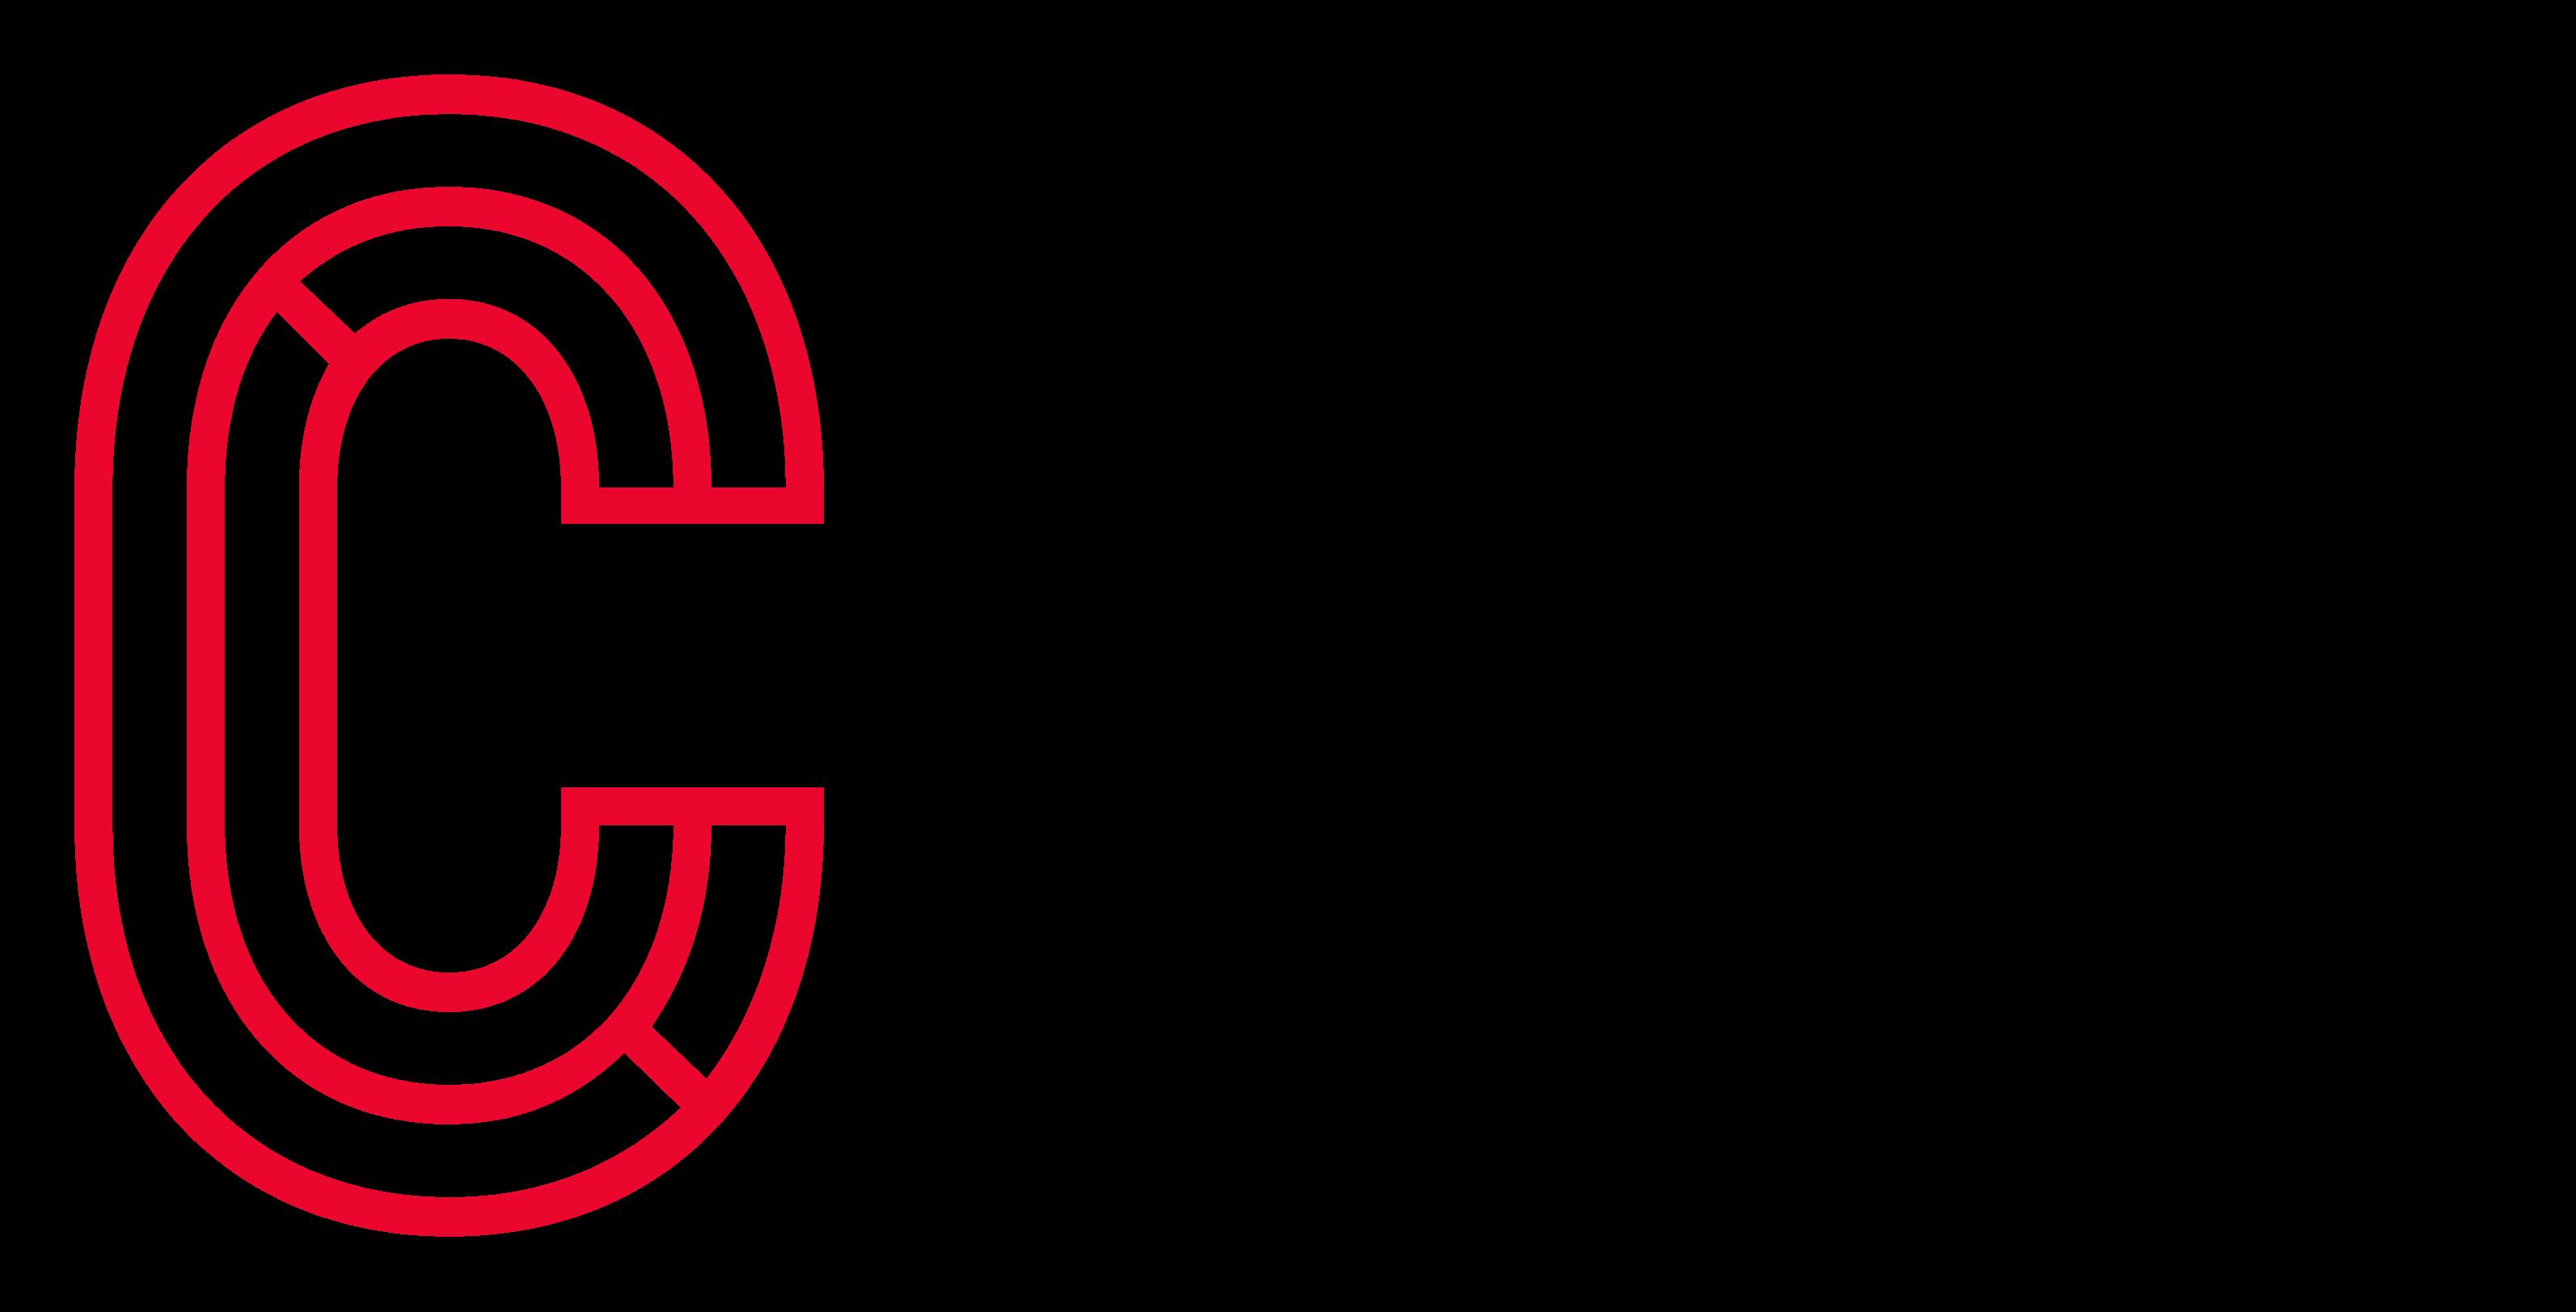 CHAI COUNSELLING Ltd.